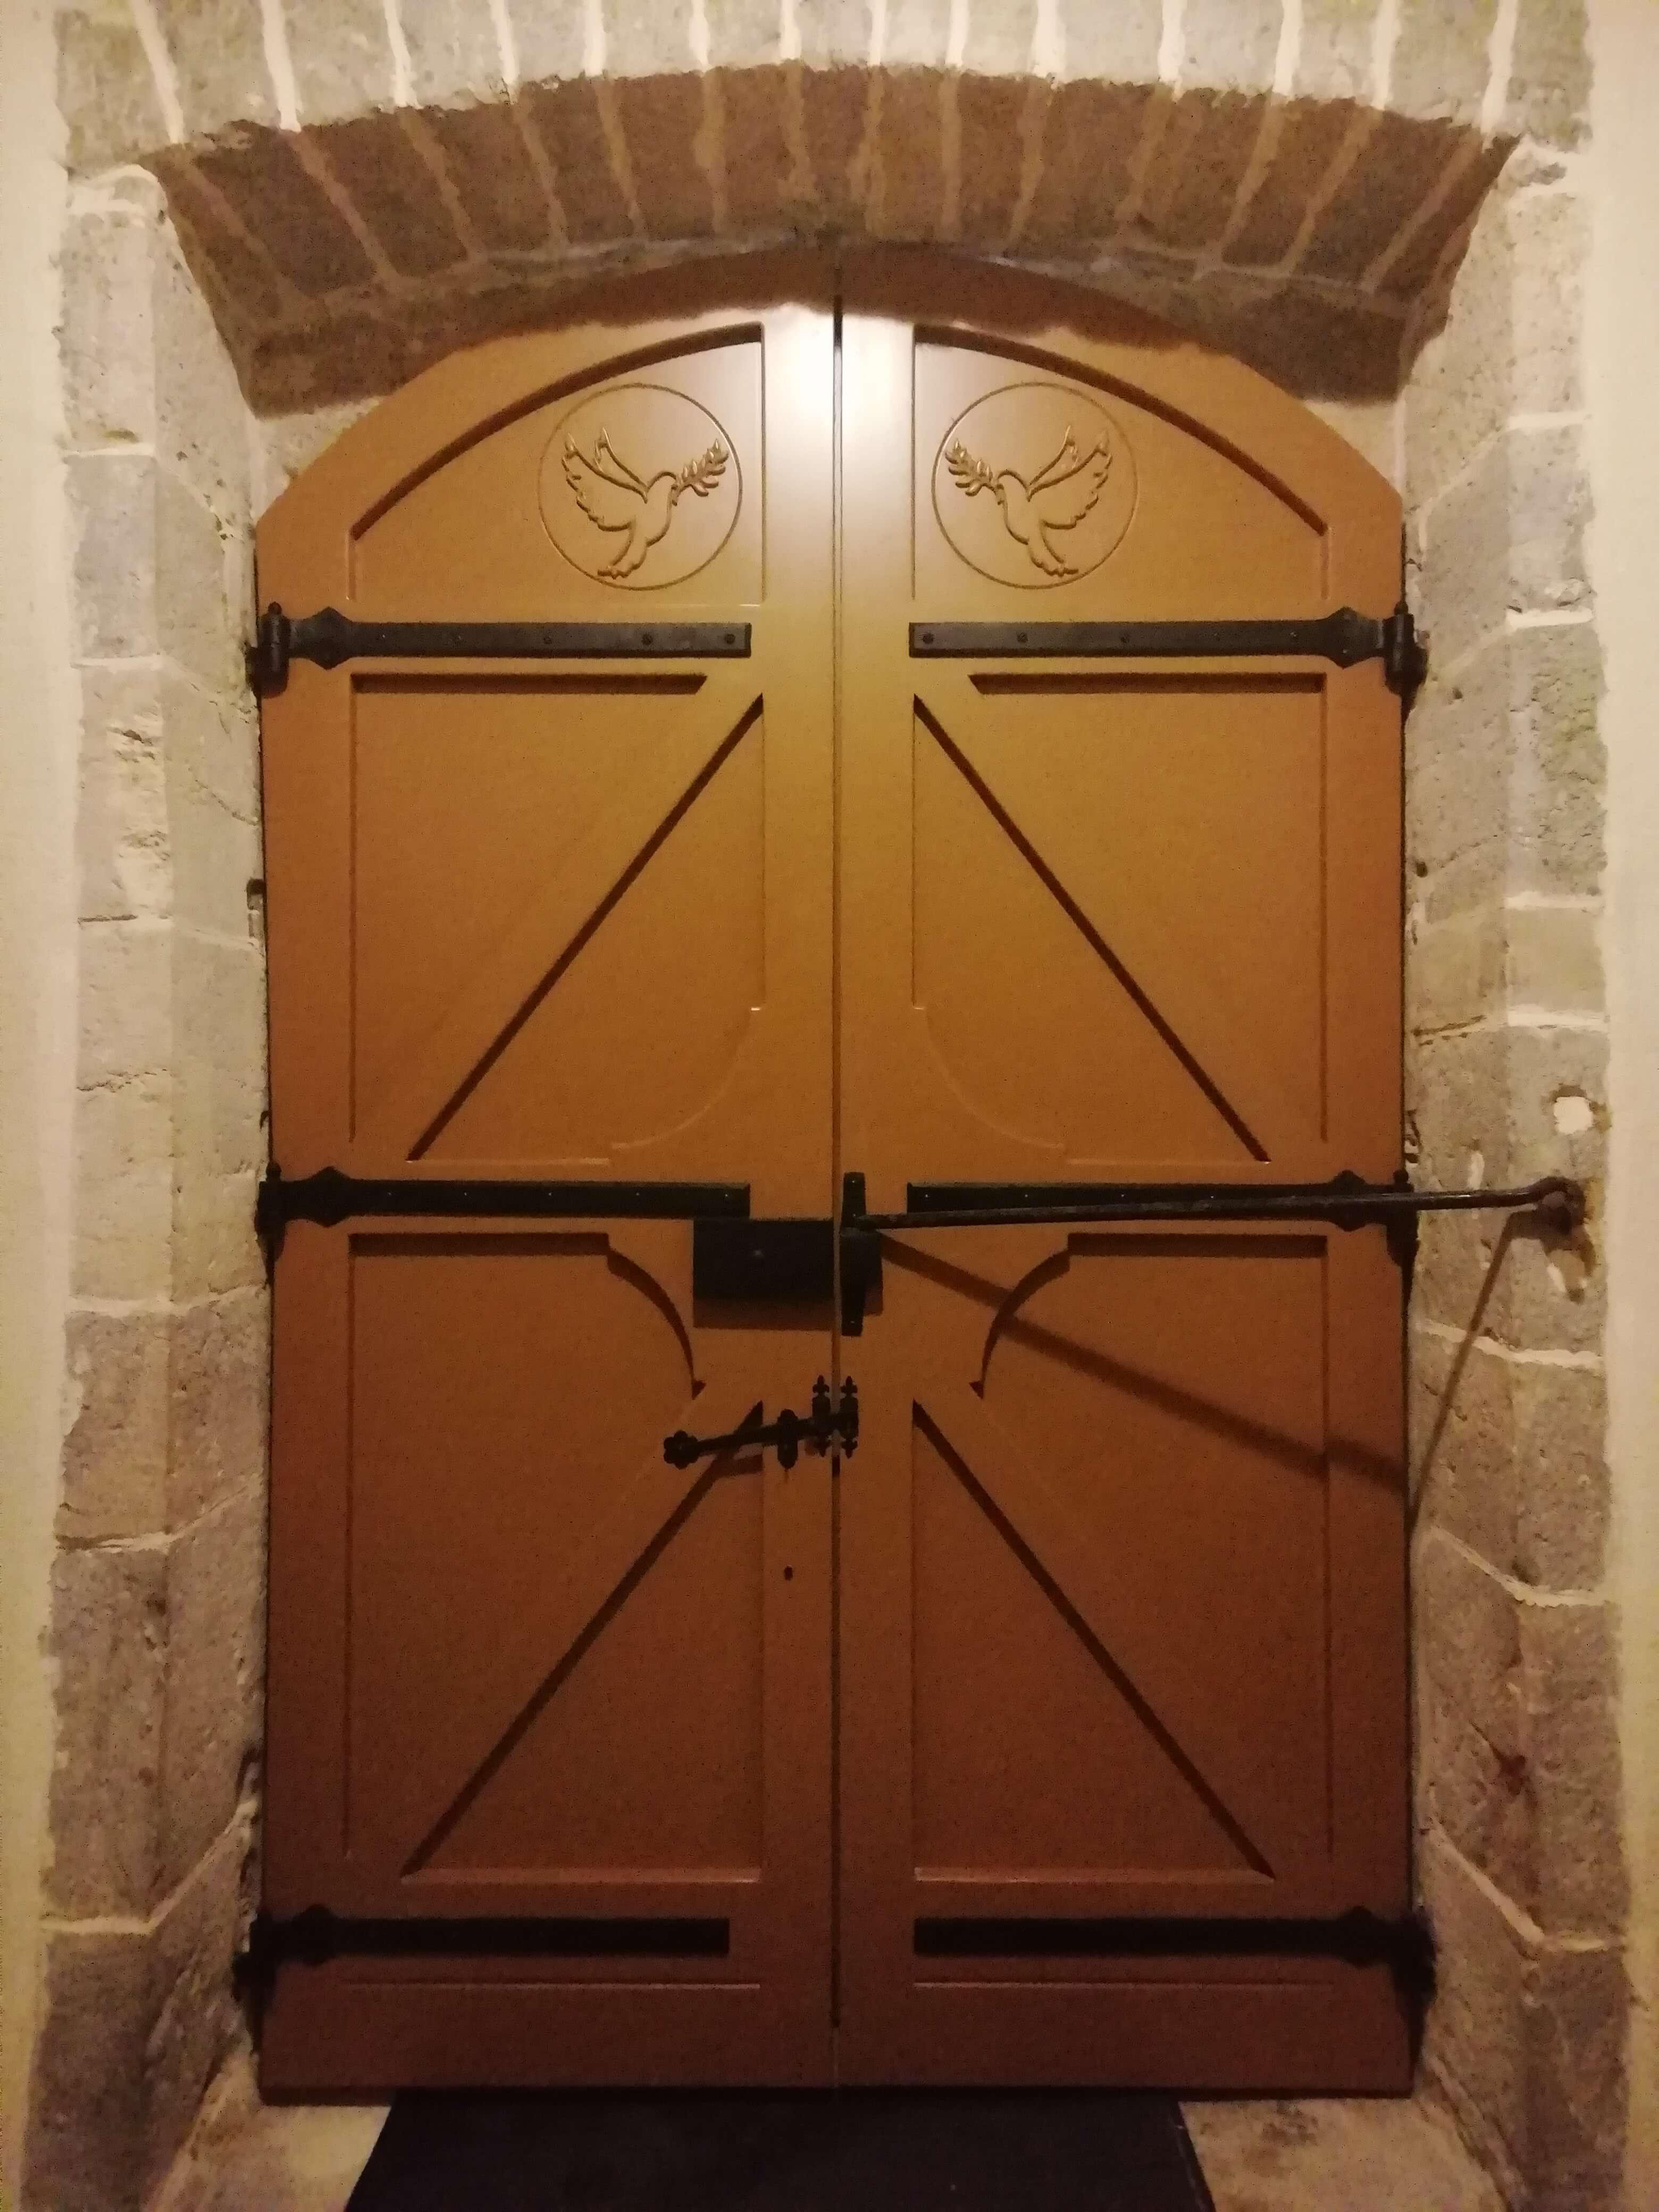 Menuiserie Figard - Fabrication sur mesure - Porte d'église - Bois peint- Vesoul